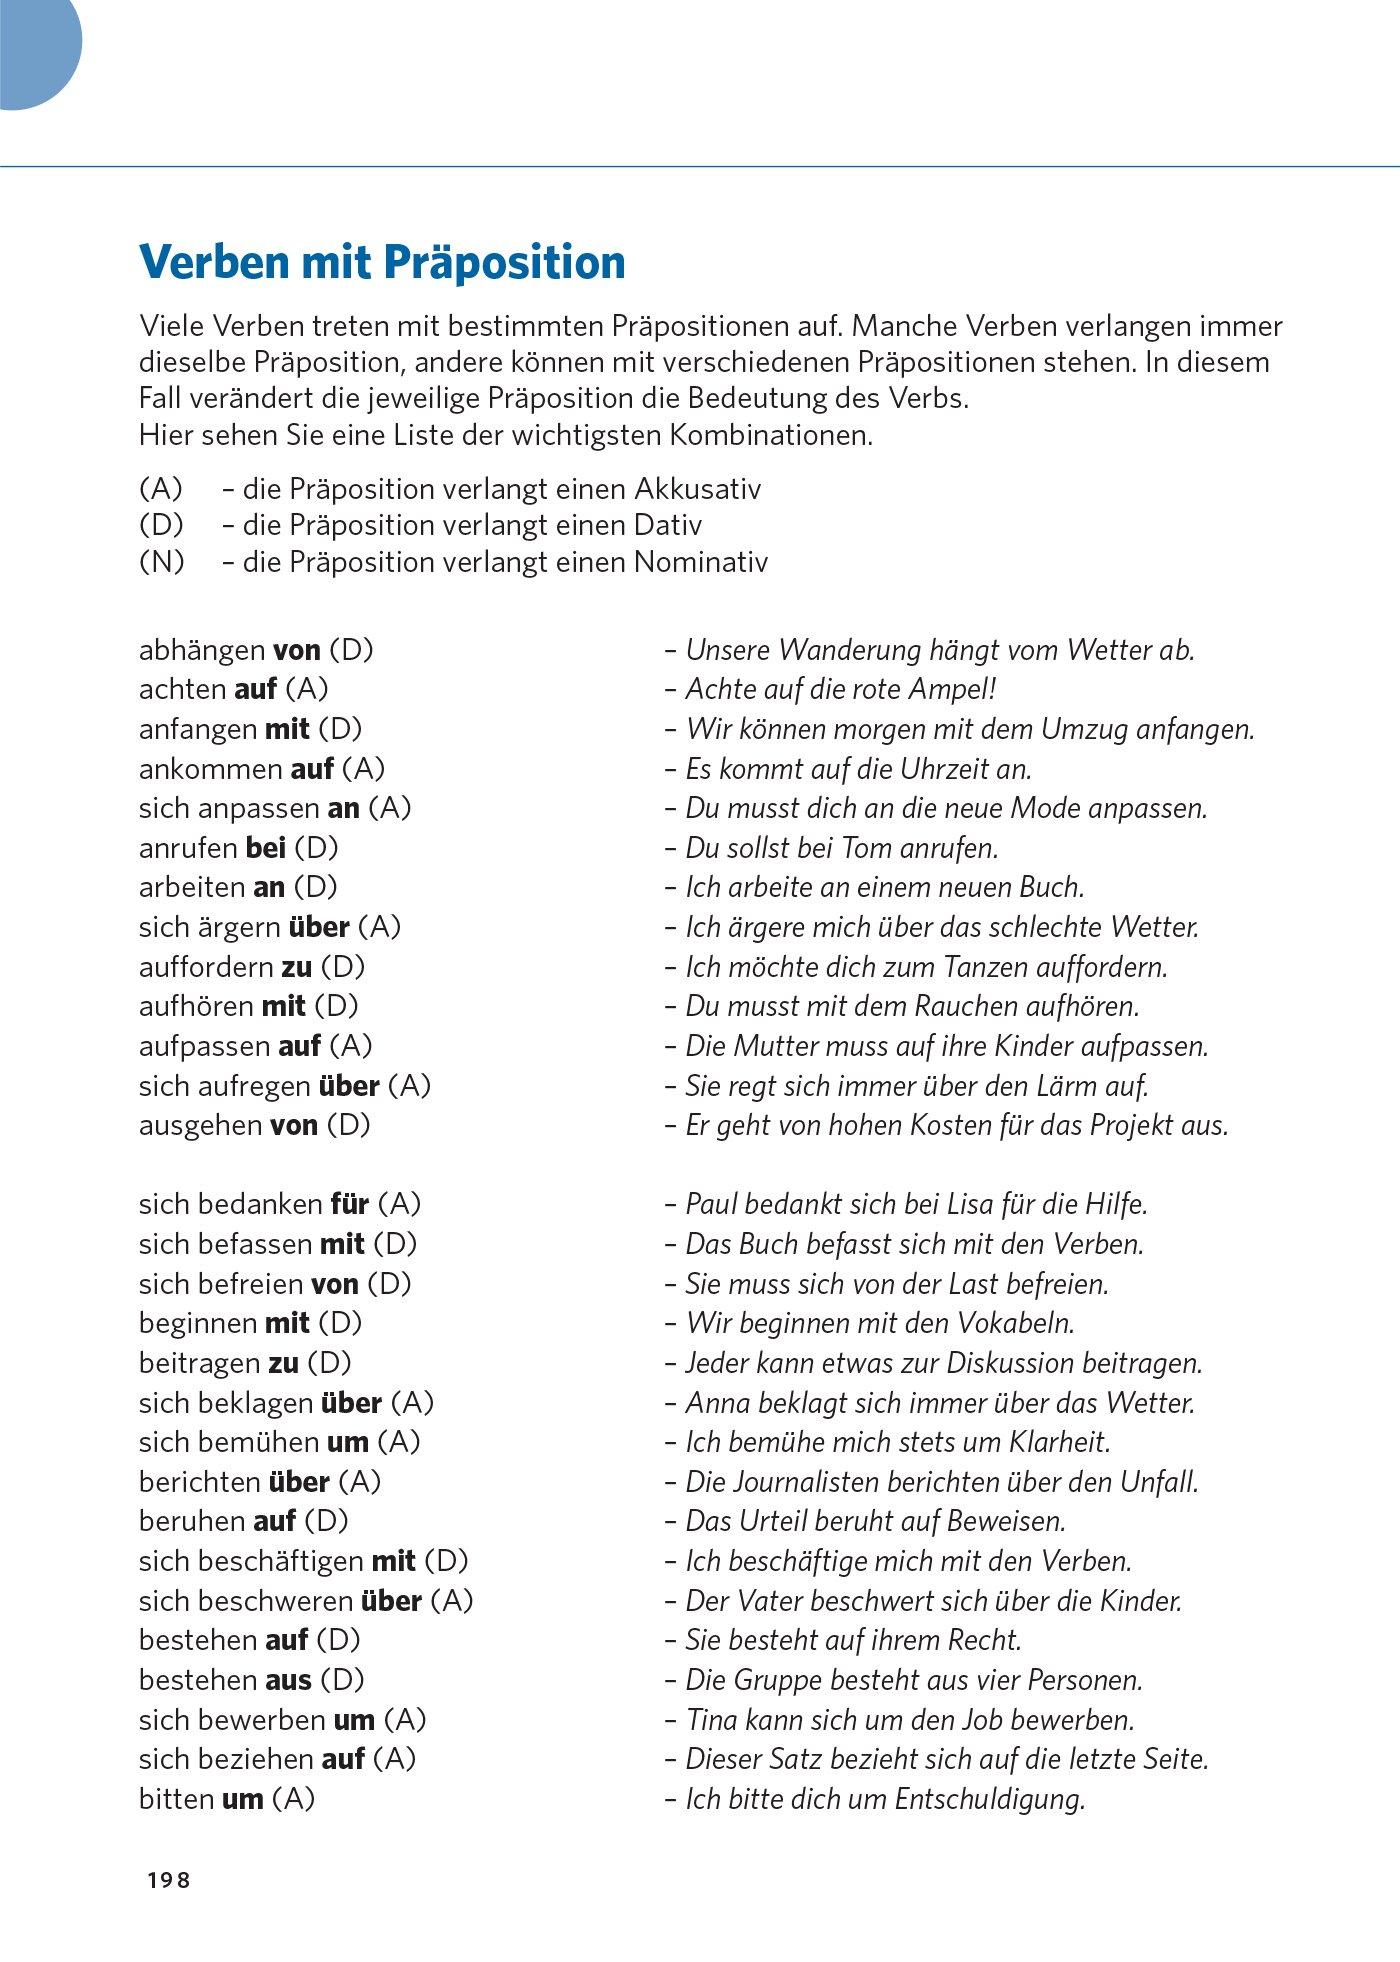 Buy pons german series pons verbtabellen plus deutsch book online buy pons german series pons verbtabellen plus deutsch book online at low prices in india pons german series pons verbtabellen plus deutsch reviews fandeluxe Image collections